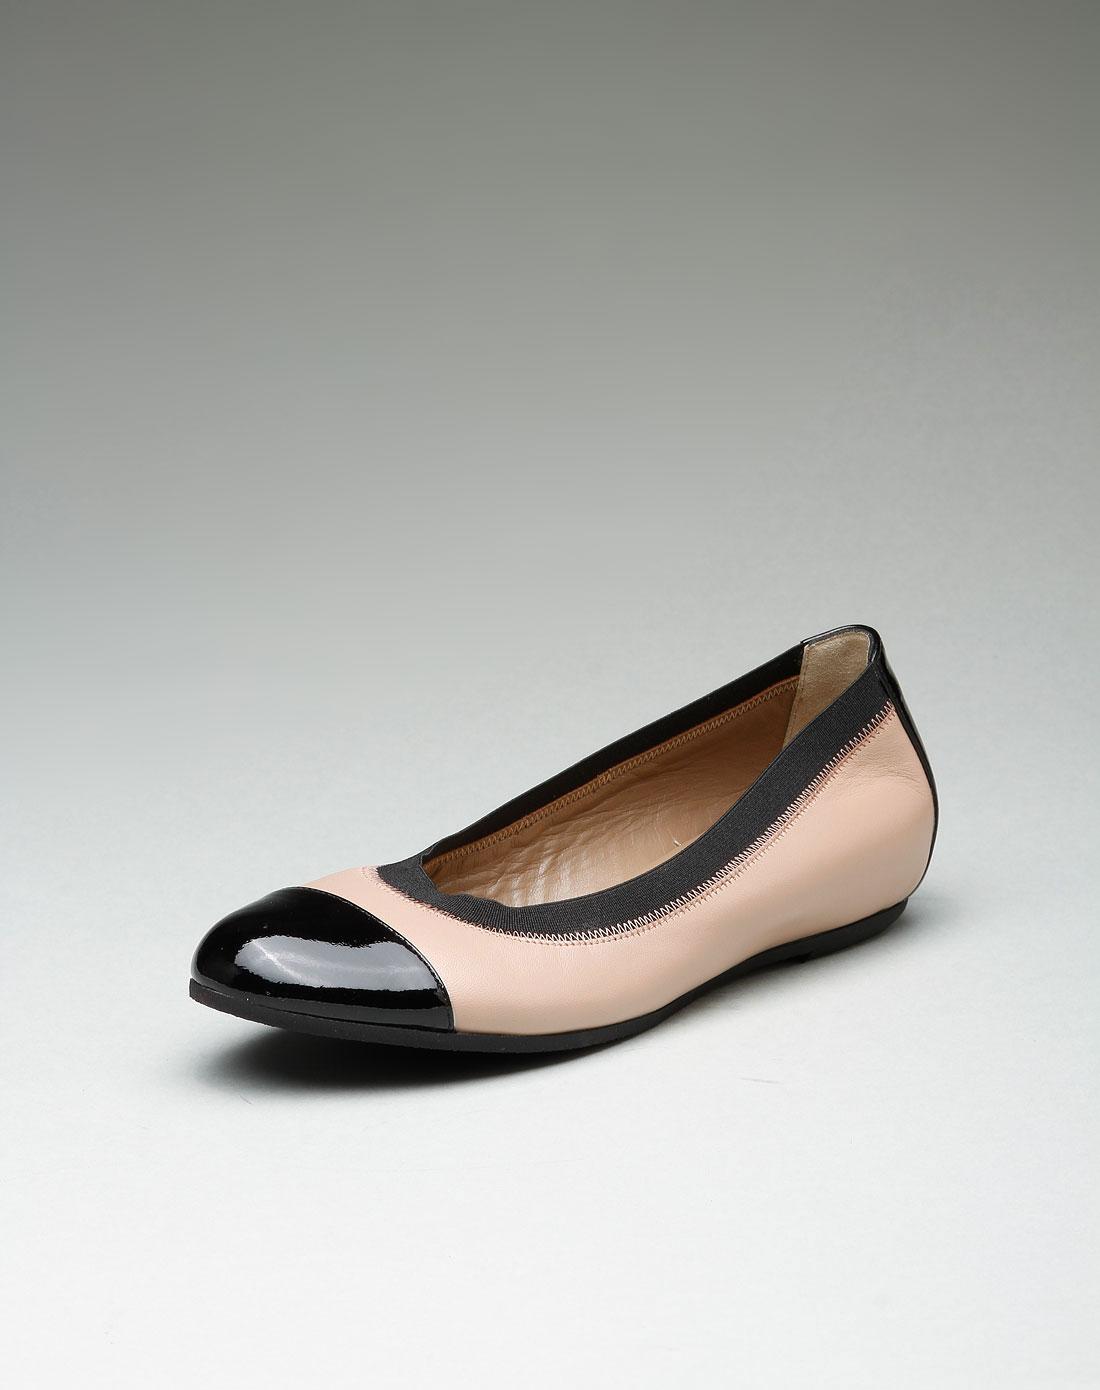 女款知性独特拼色牛皮平底鞋裸粉/黑色